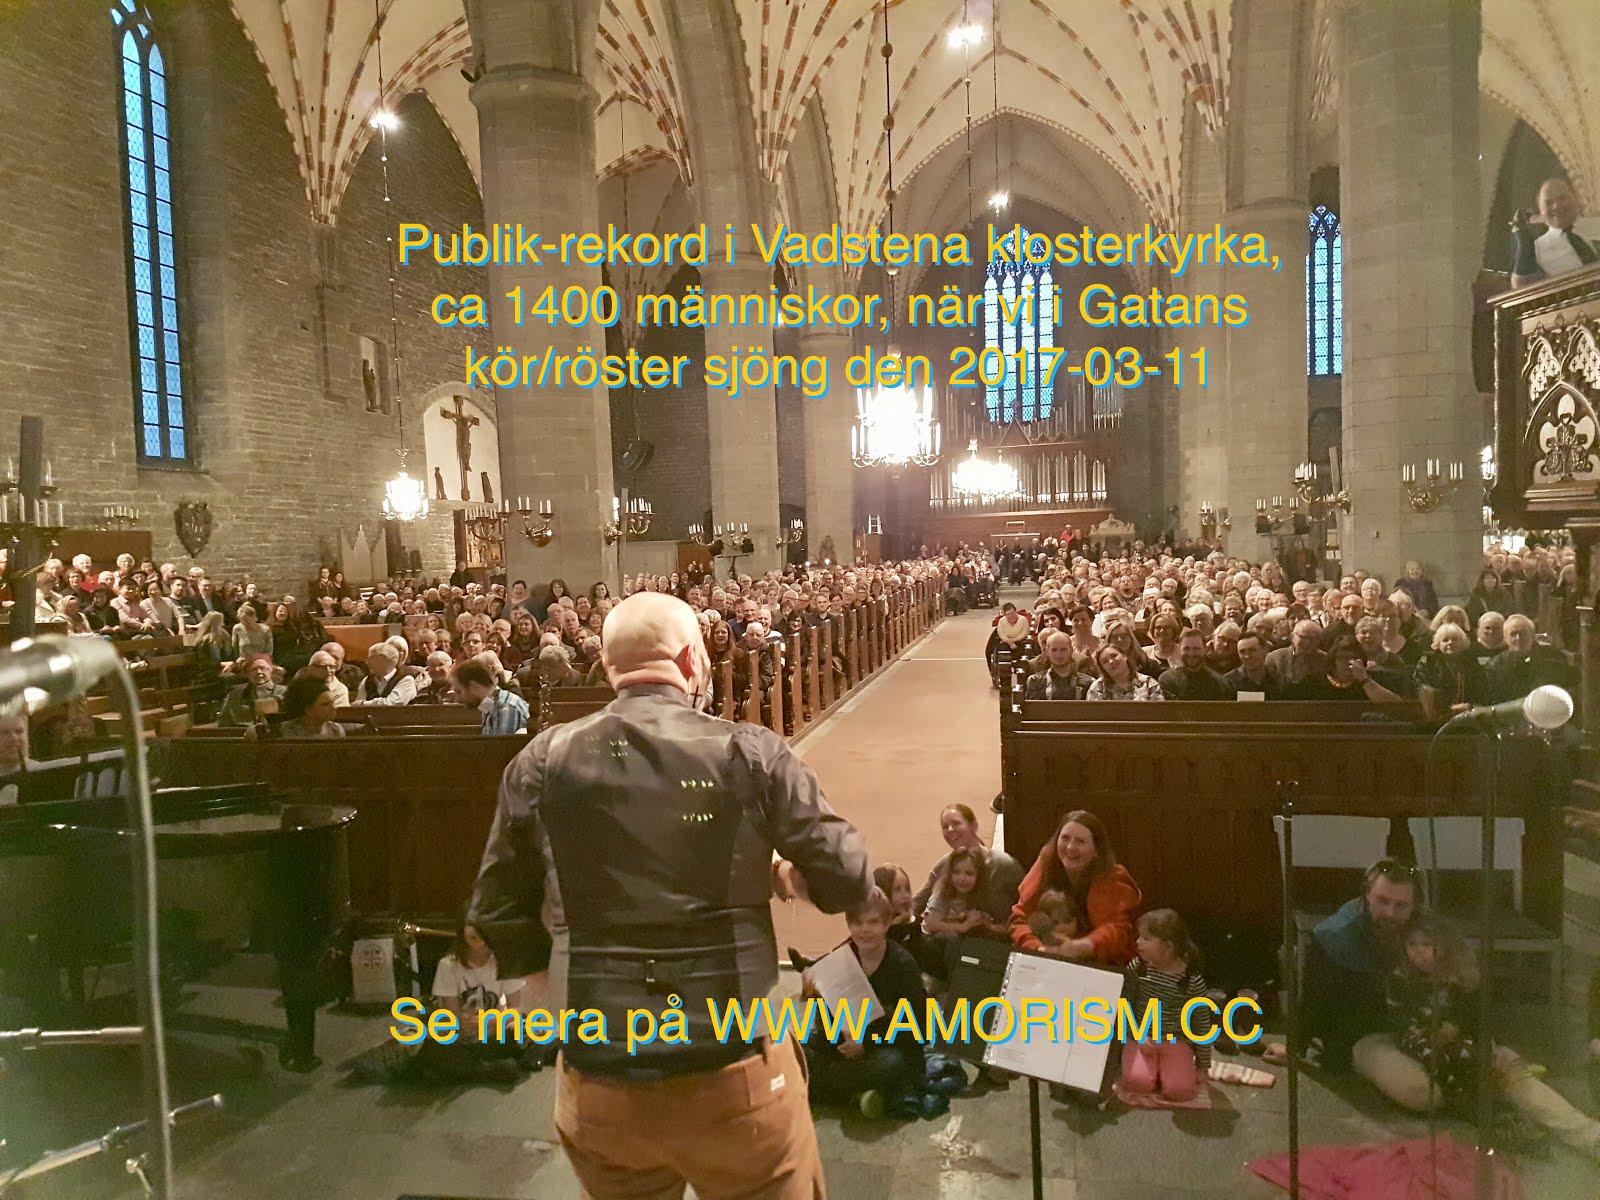 Bild Publikrekord i Vadstena klosterkyrka